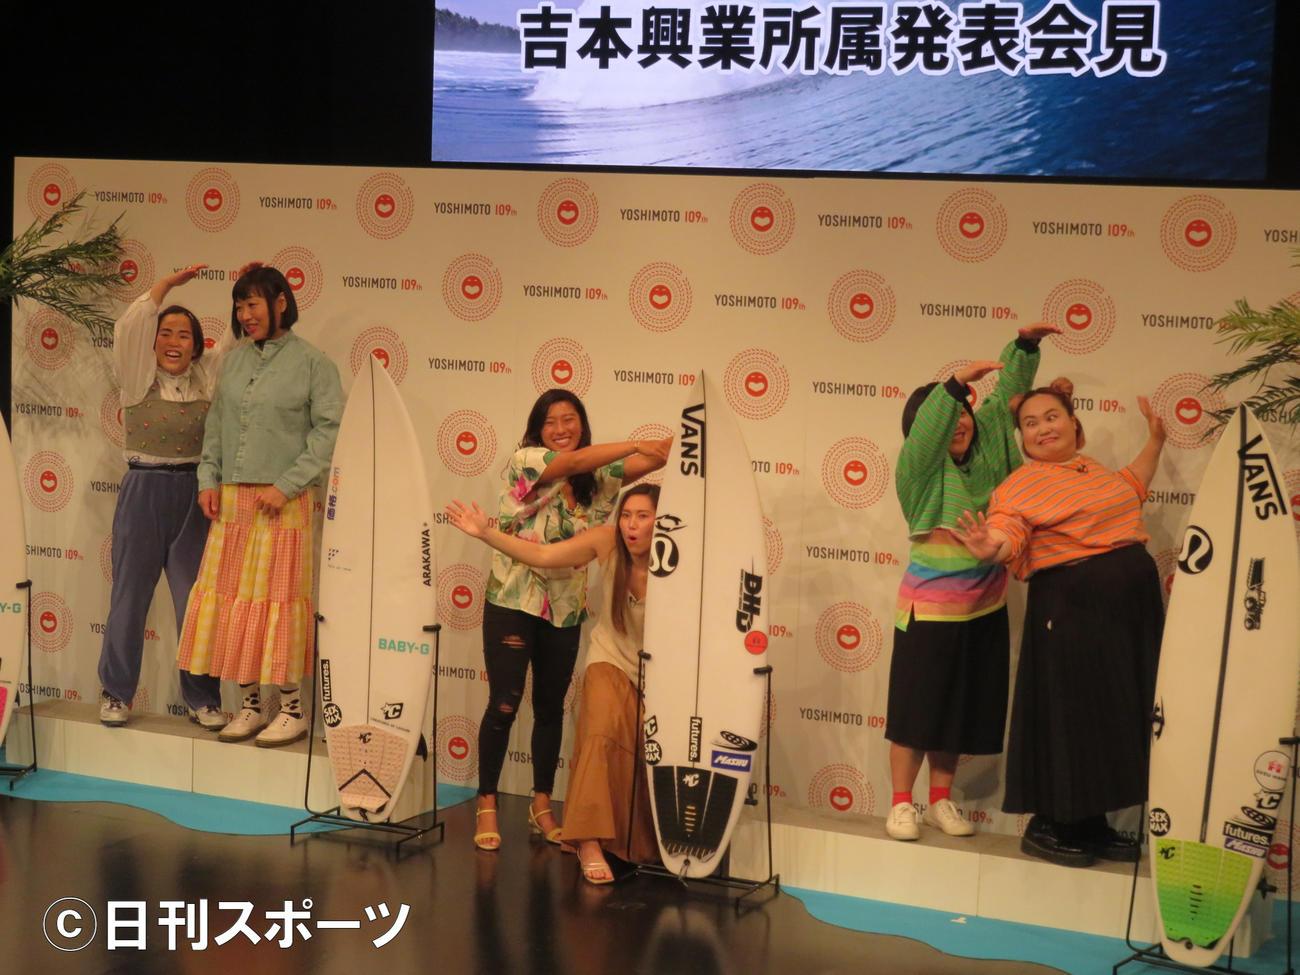 吉本興業所属を発表したプロサーファーの前田マヒナ(中央左)と野呂玲花(中央右)。左からゆりやんレトリィバァ、しずちゃん、2人おいておかずクラブのオカリナ、ゆいP